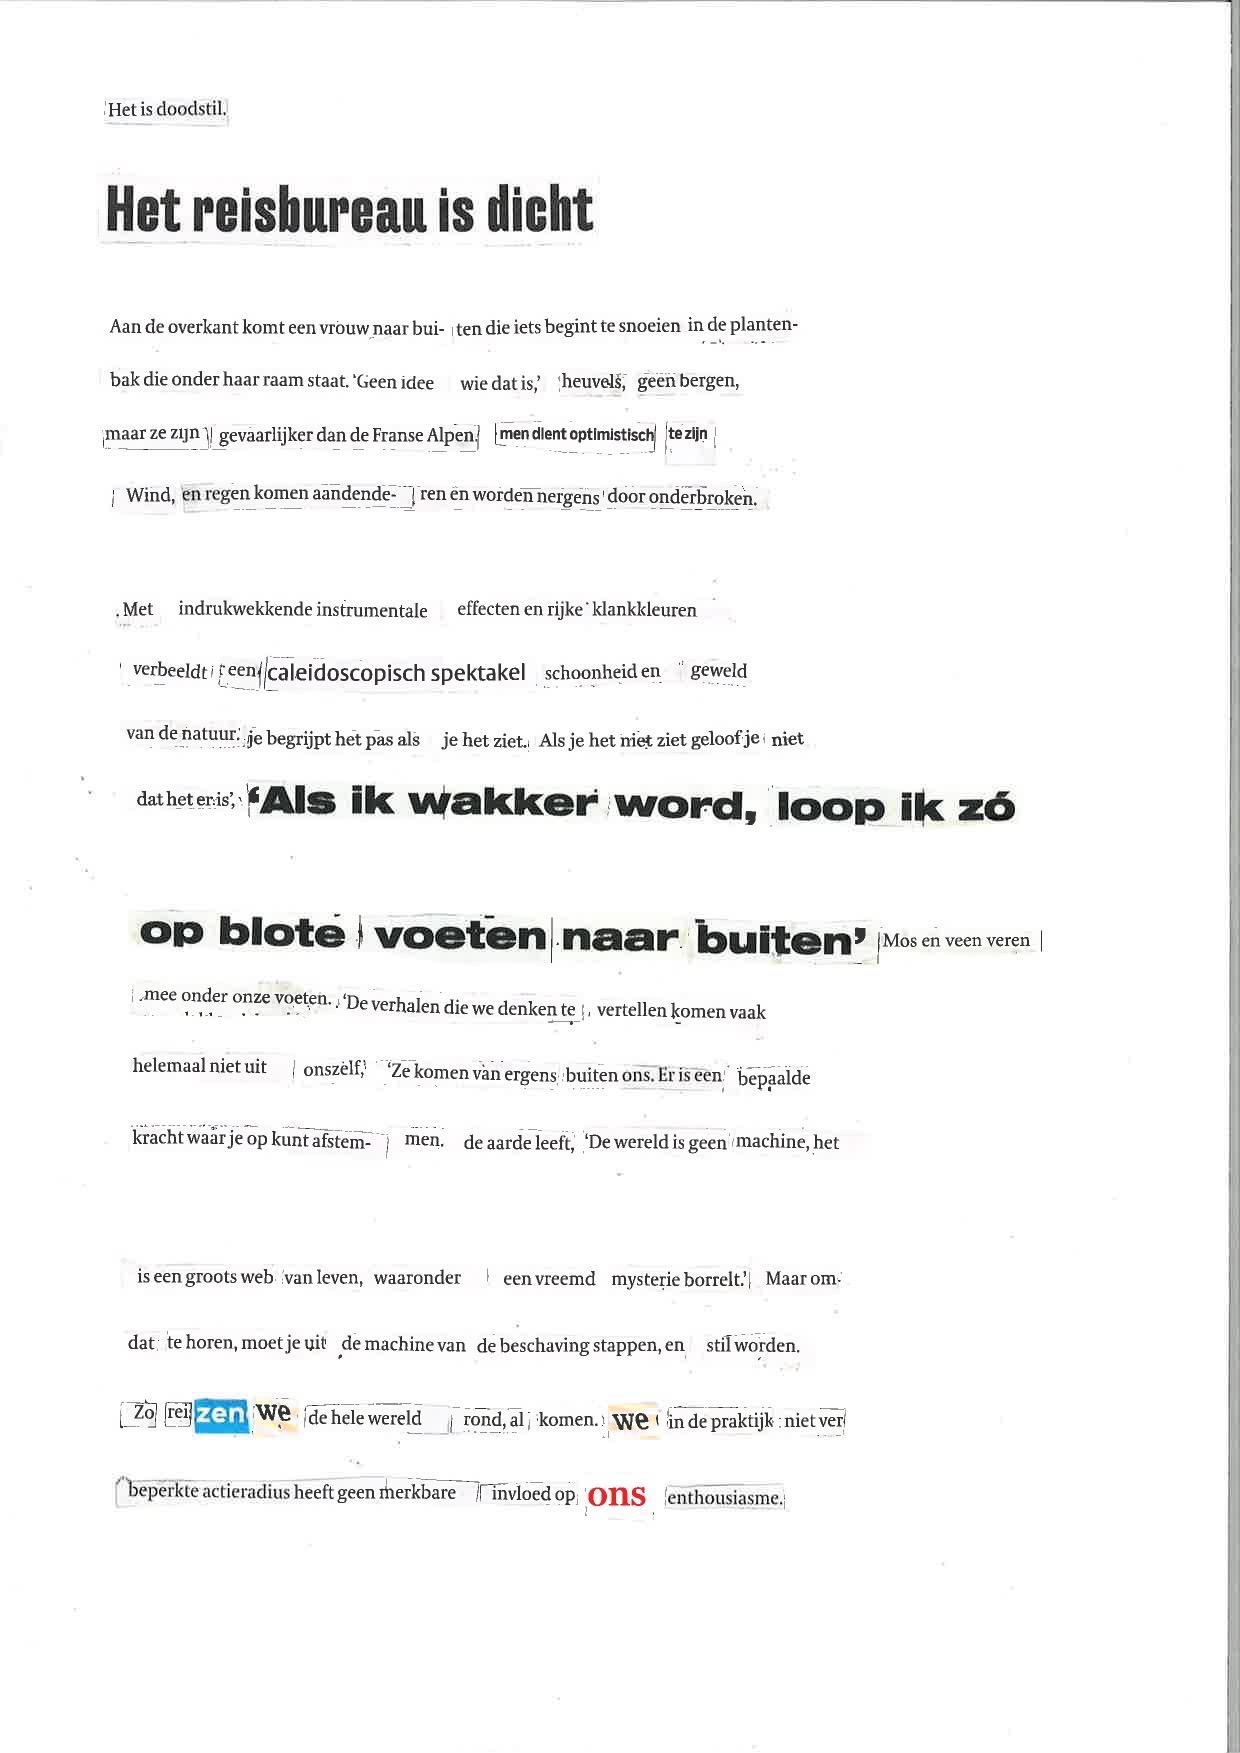 Geknipte gedichten, het is doodstil.collage